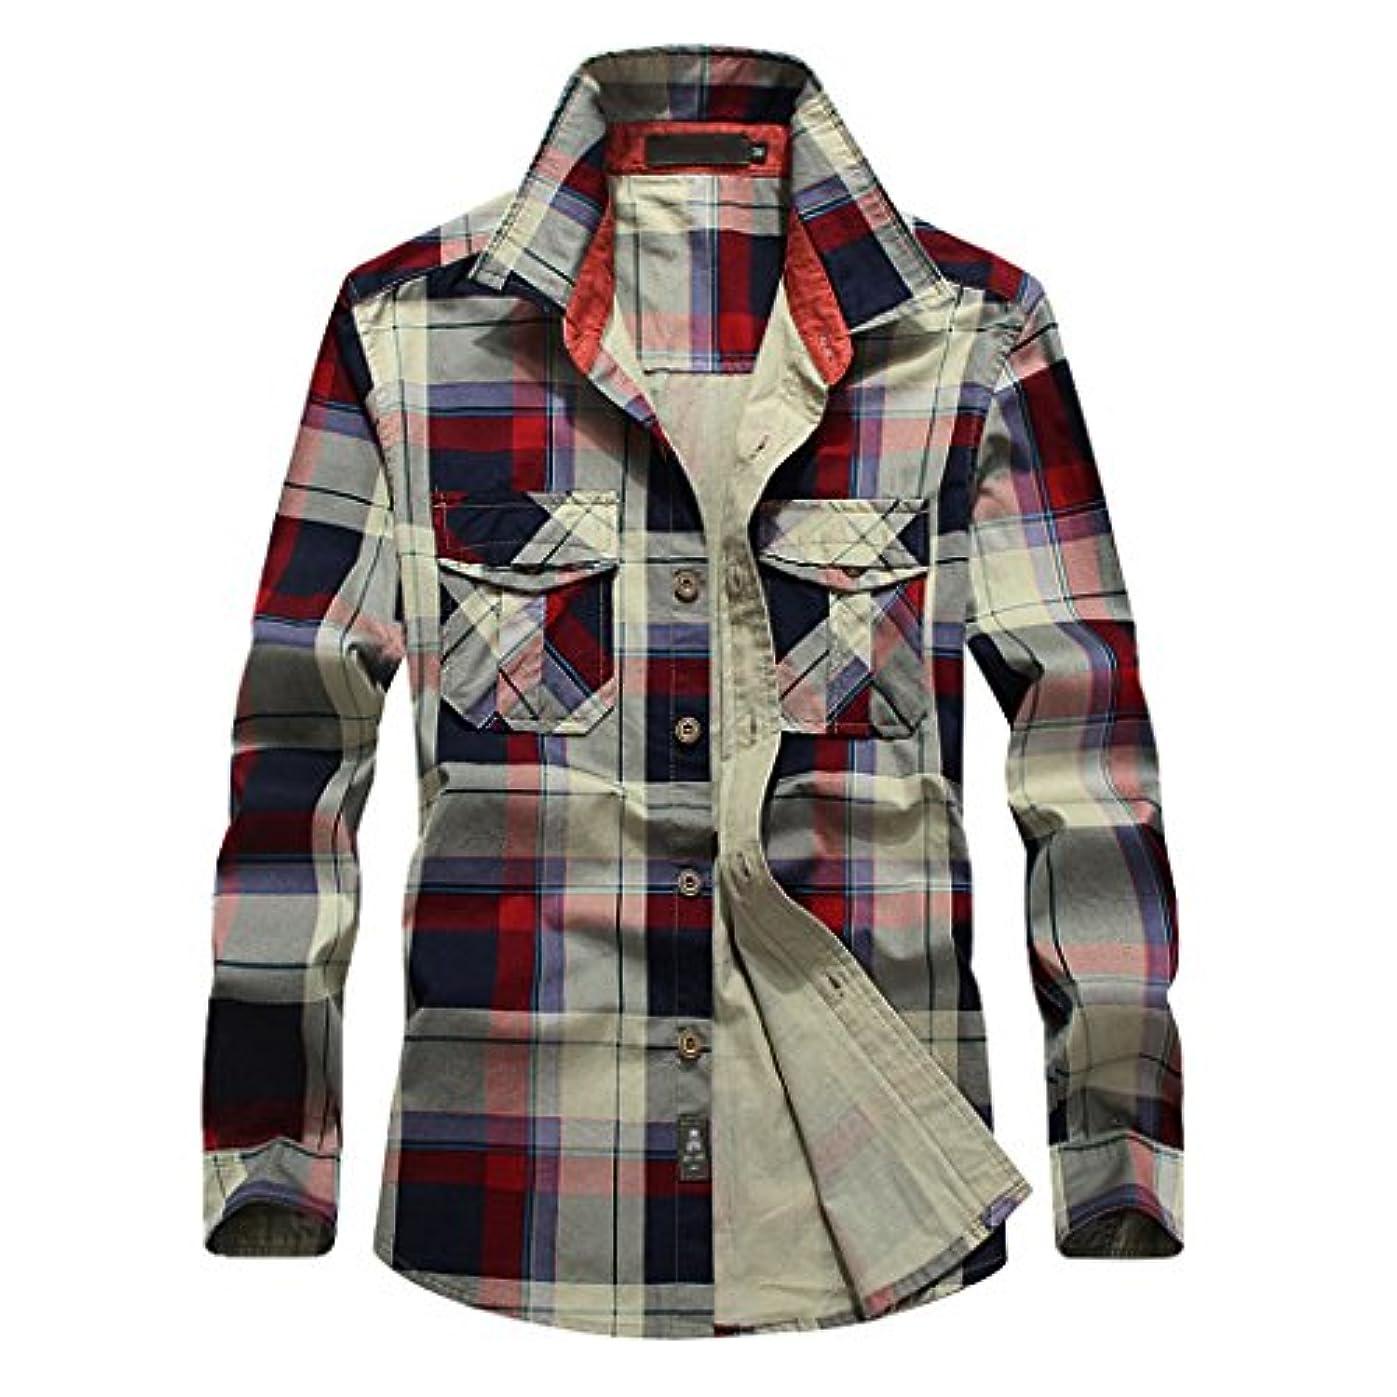 可能性極地分離SemiAugust(セミオーガスト)メンズ チェックシャツ 長袖 ネルシャツ ストレッチ カジュアル シャツ サーフ系 ボタンダウン コットン おしゃれ スリムシャツ トップス アメカジ